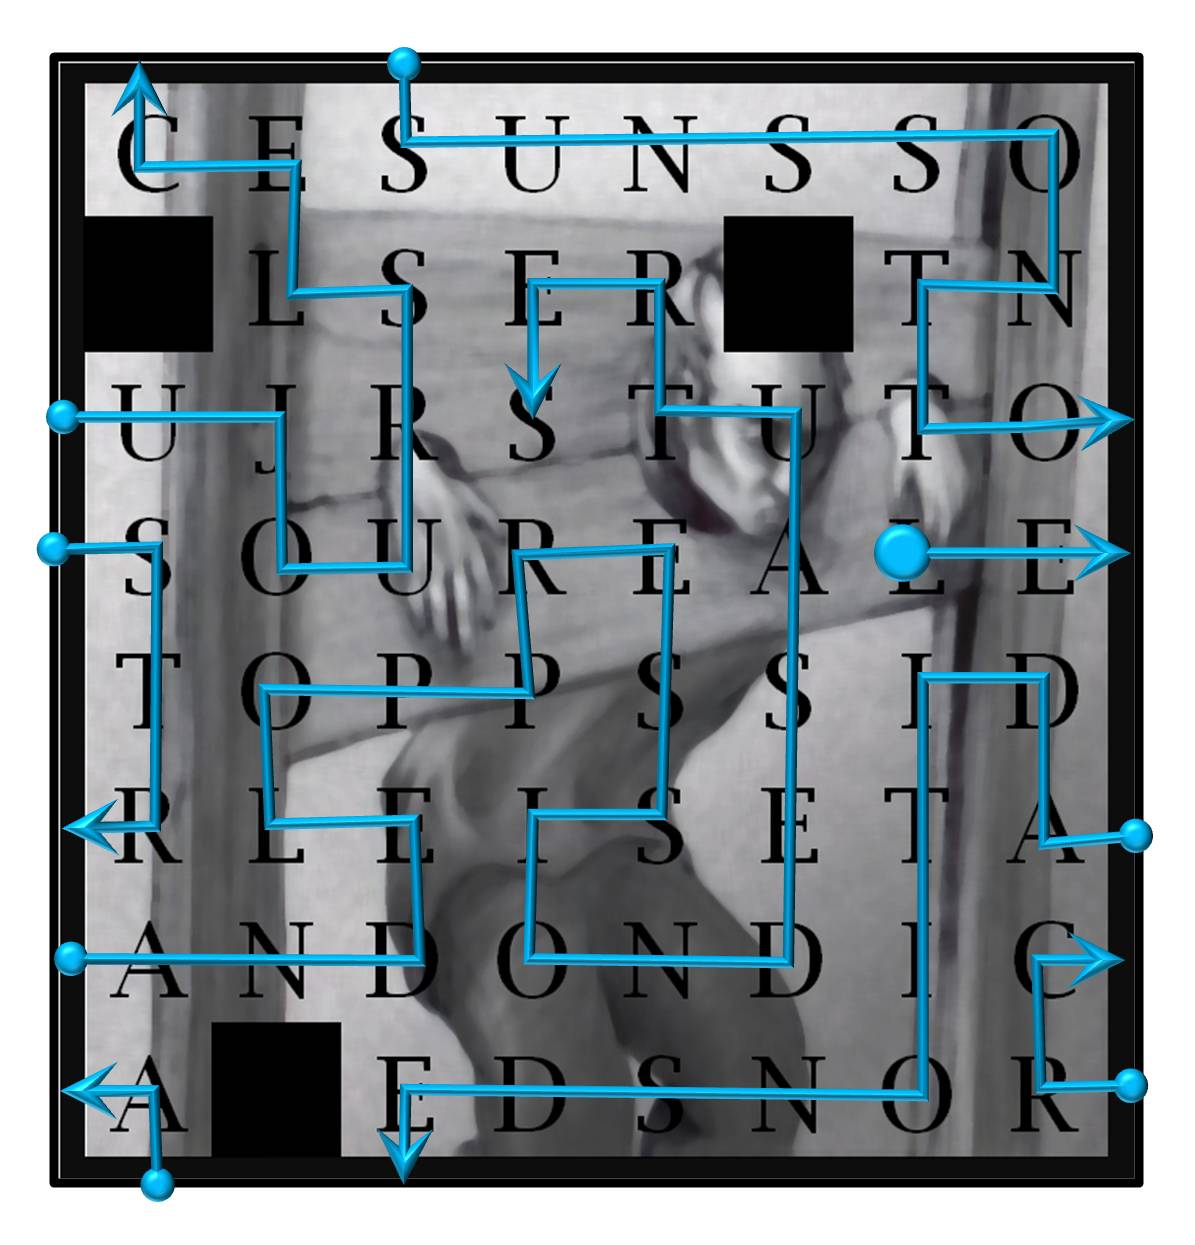 http://www.prise2tete.fr/upload/Klimrod-00-motslies-08.jpg